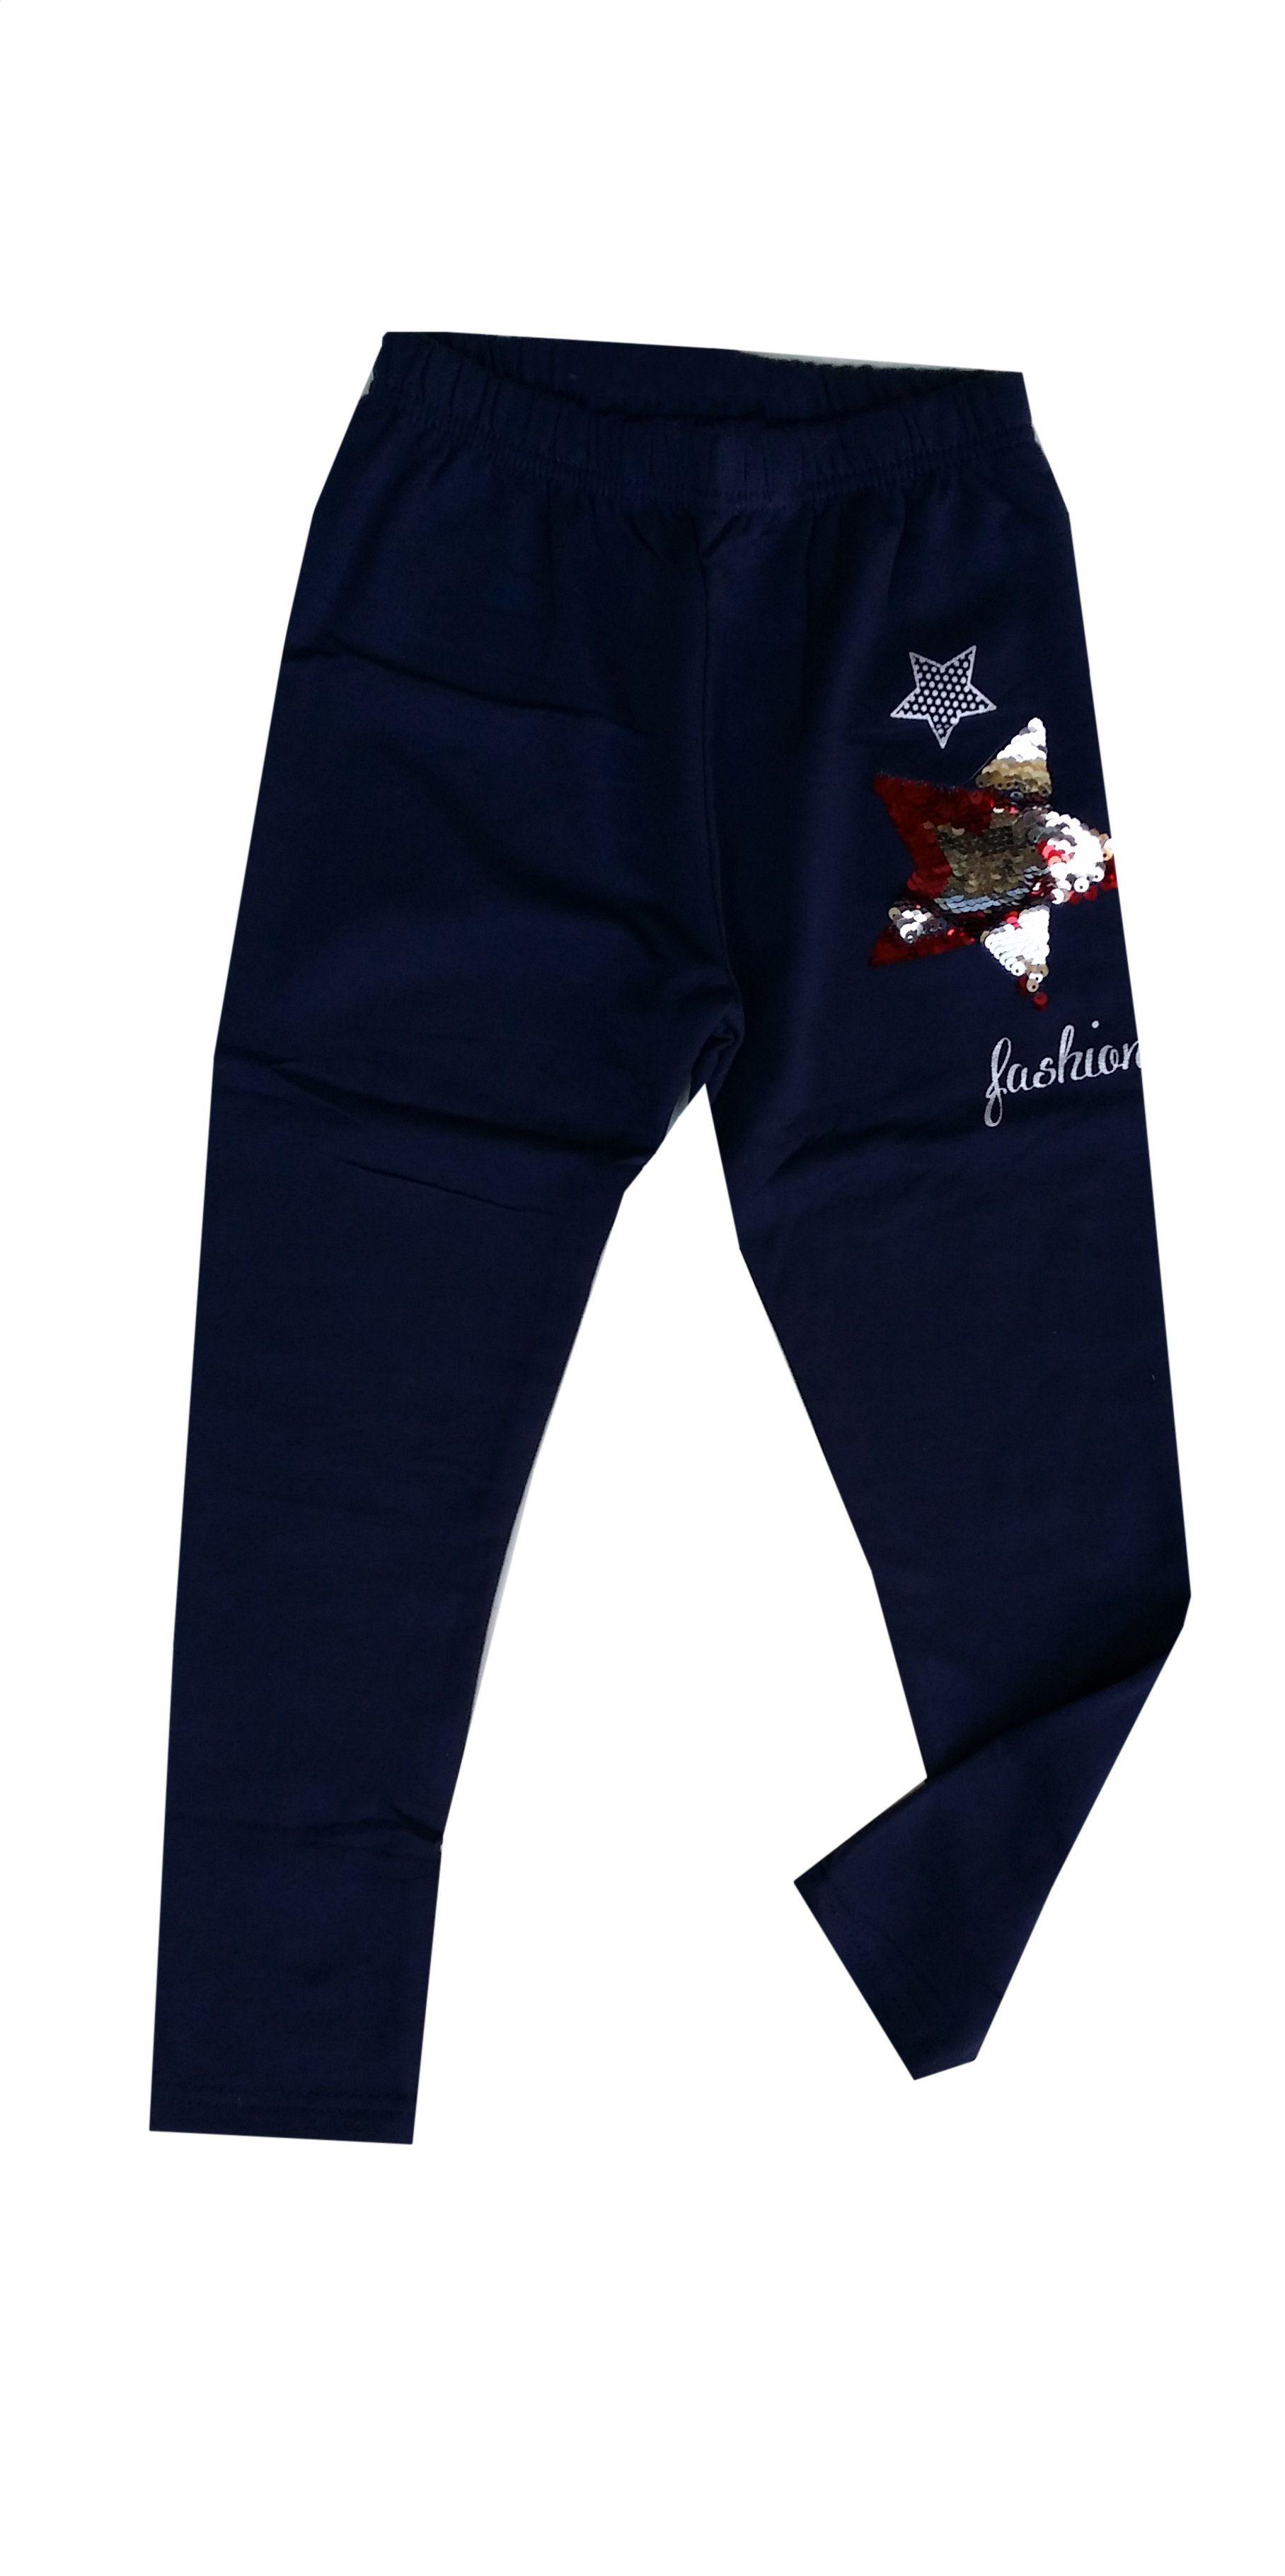 Legging donkerblauw met omkeerbare pailletten ster